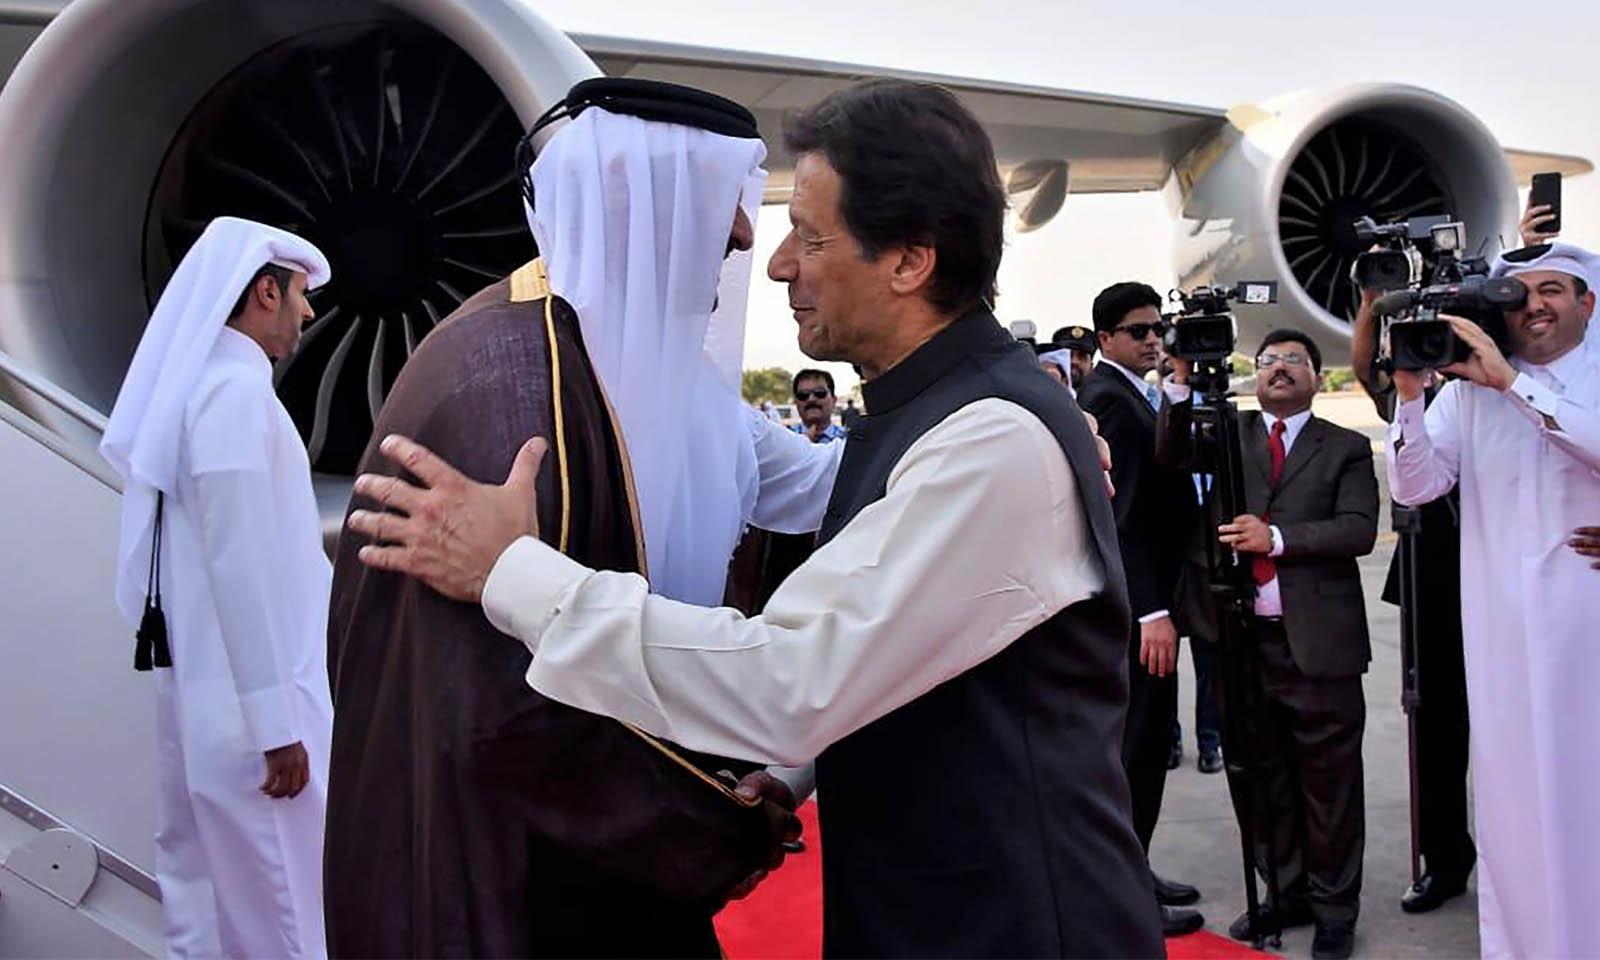 قطر کے امیر شیخ تمیم بن حمد الثانی کا خصوصی طیارہ نور خان ایئربیس پر اترا تھا جہاں ان کا پرتپاک استقبال کیا گیا — فوٹو: اے ایف پی